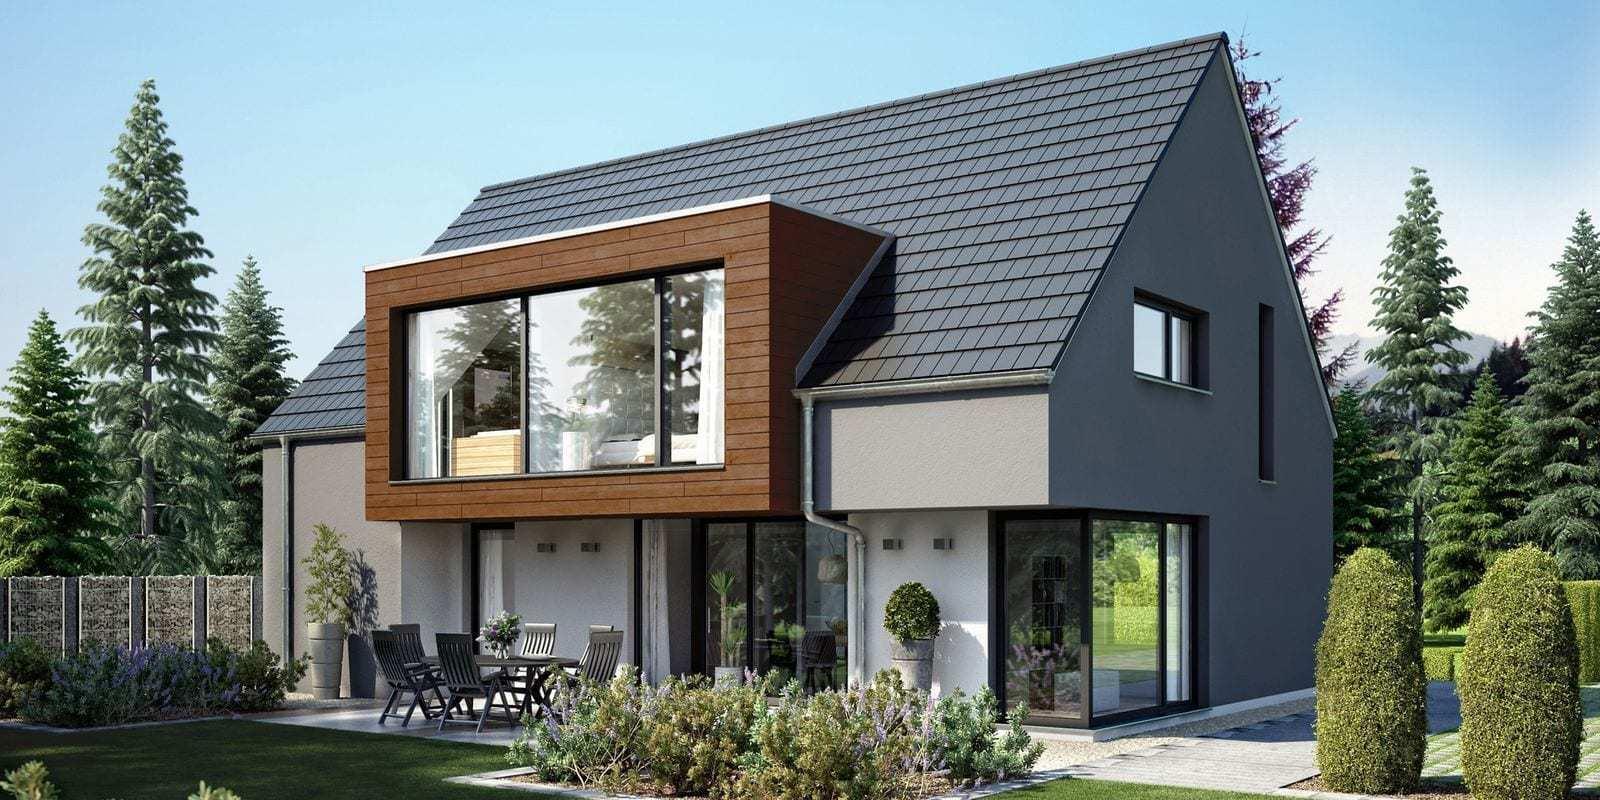 Einfamilienh user kbe for Einfamilienhaus modern mit satteldach